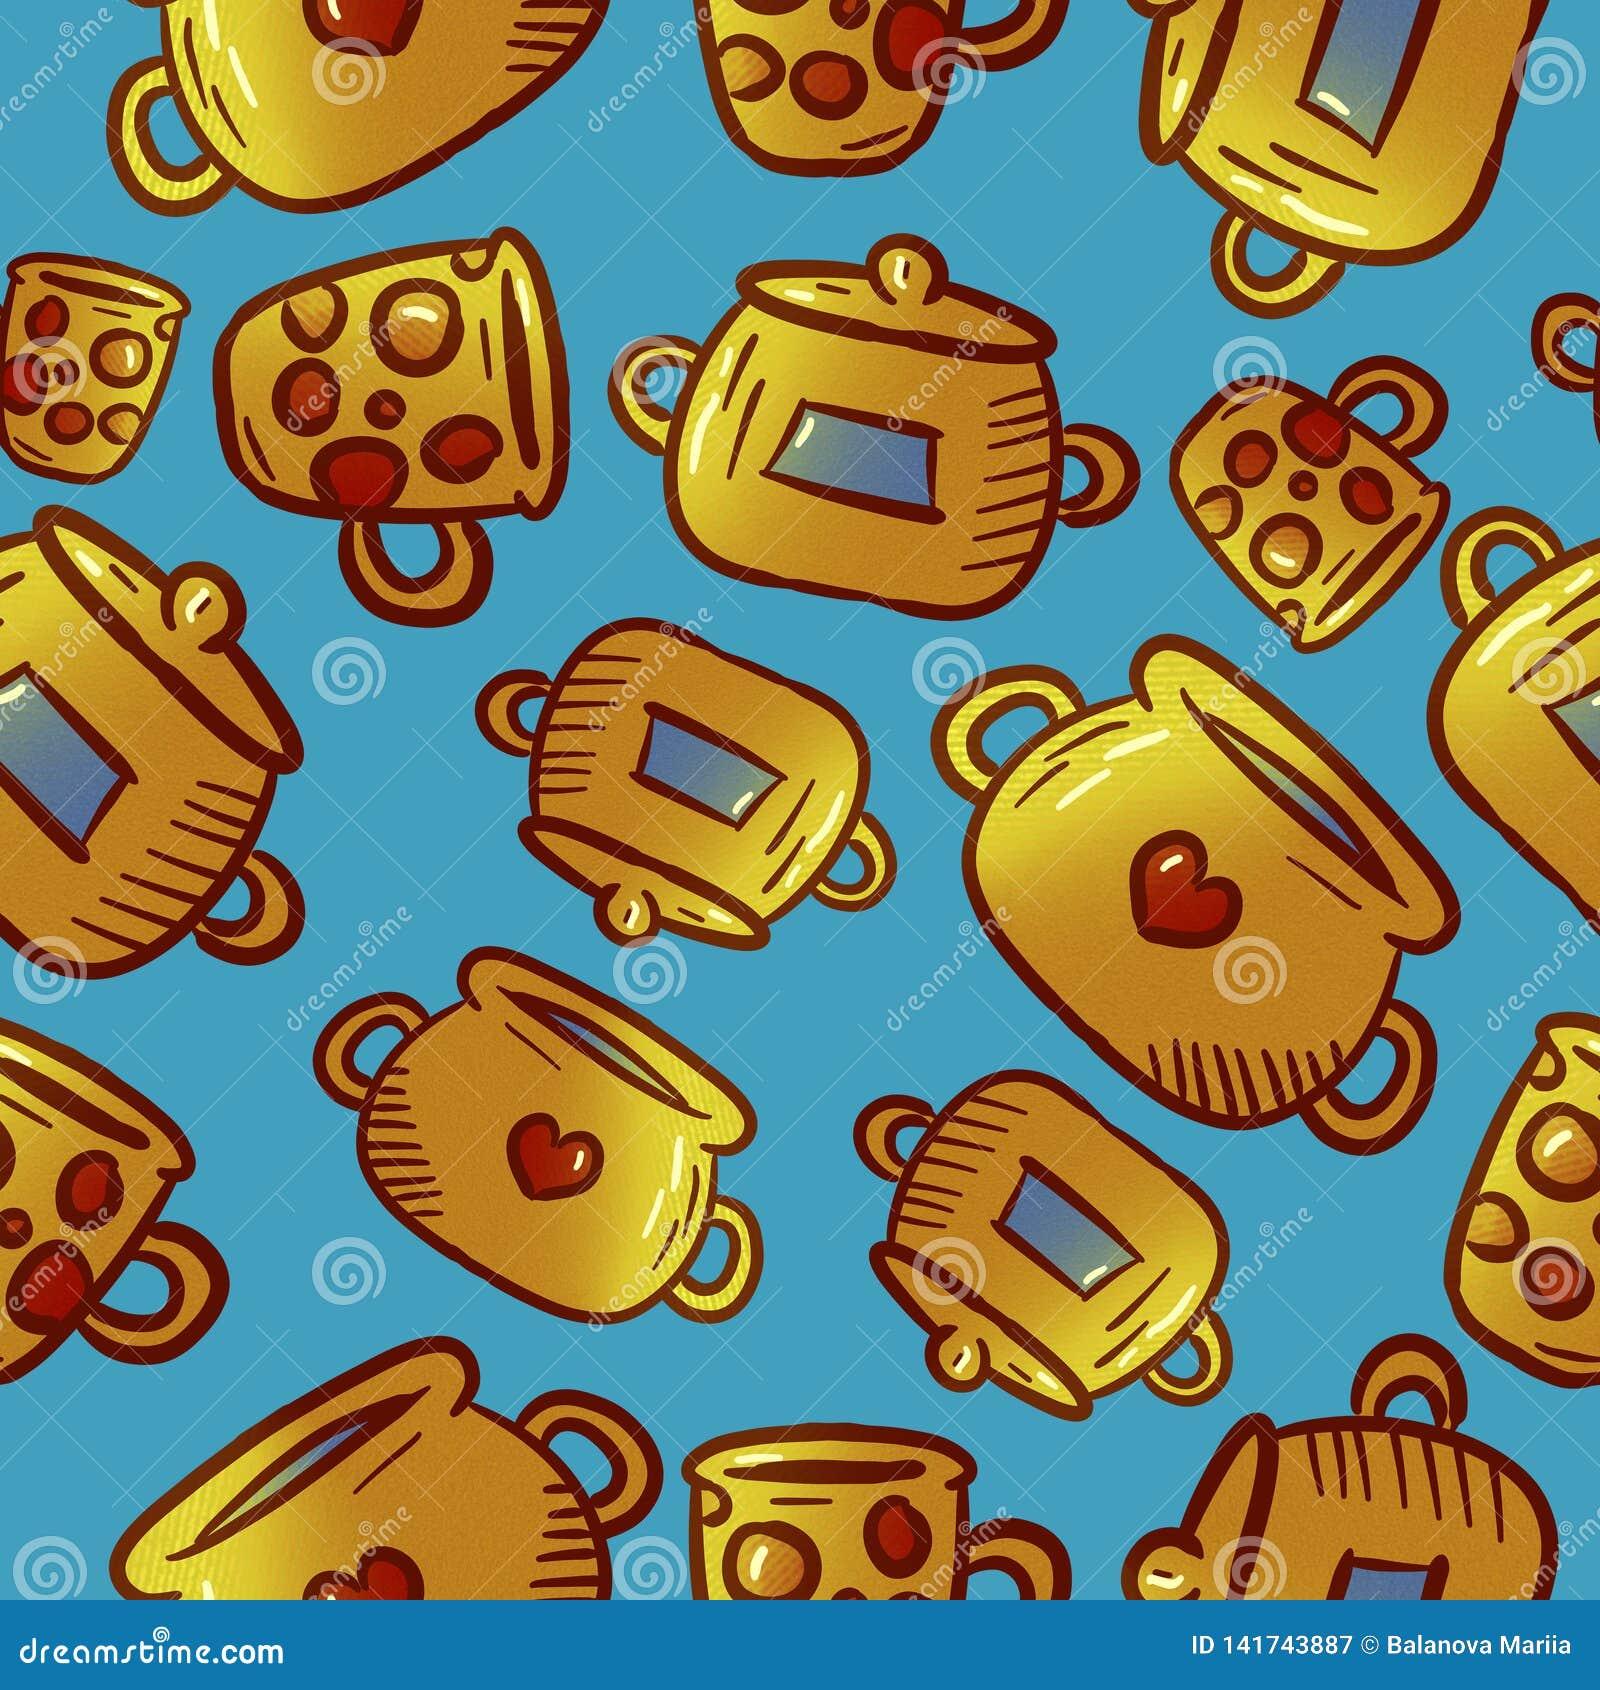 Милая желтая картина иллюстраций kitchenware и утварей